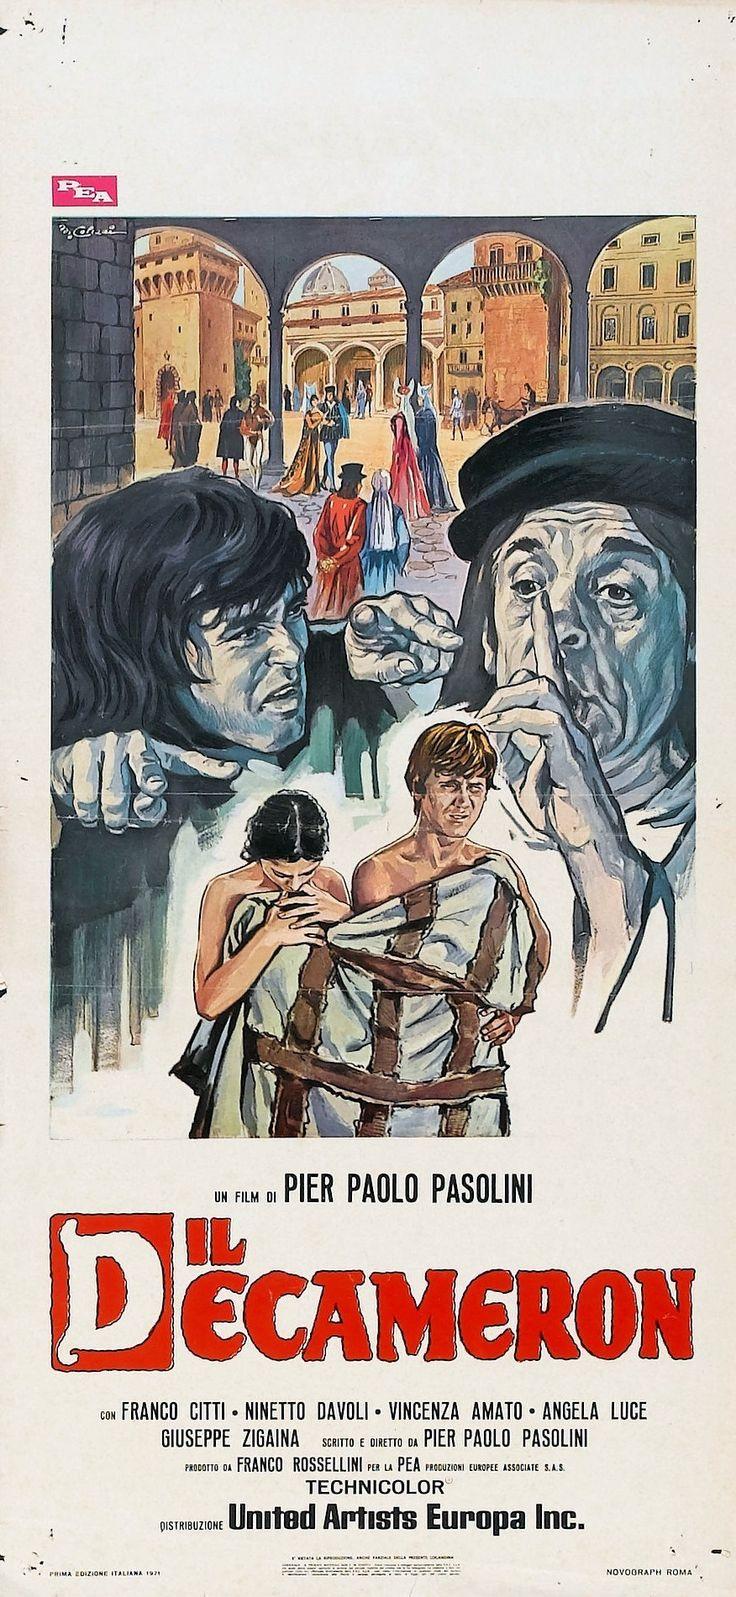 """""""Il Decameron"""" (1971). Country: Italy. Director: Pier Paolo Pasolini. Cast: Franco Citti, Ninetto Davoli, Pier Paolo Pasolini, Angela Luce, Patrizia Capparelli, Silvana Mangano, Guido Alberti"""